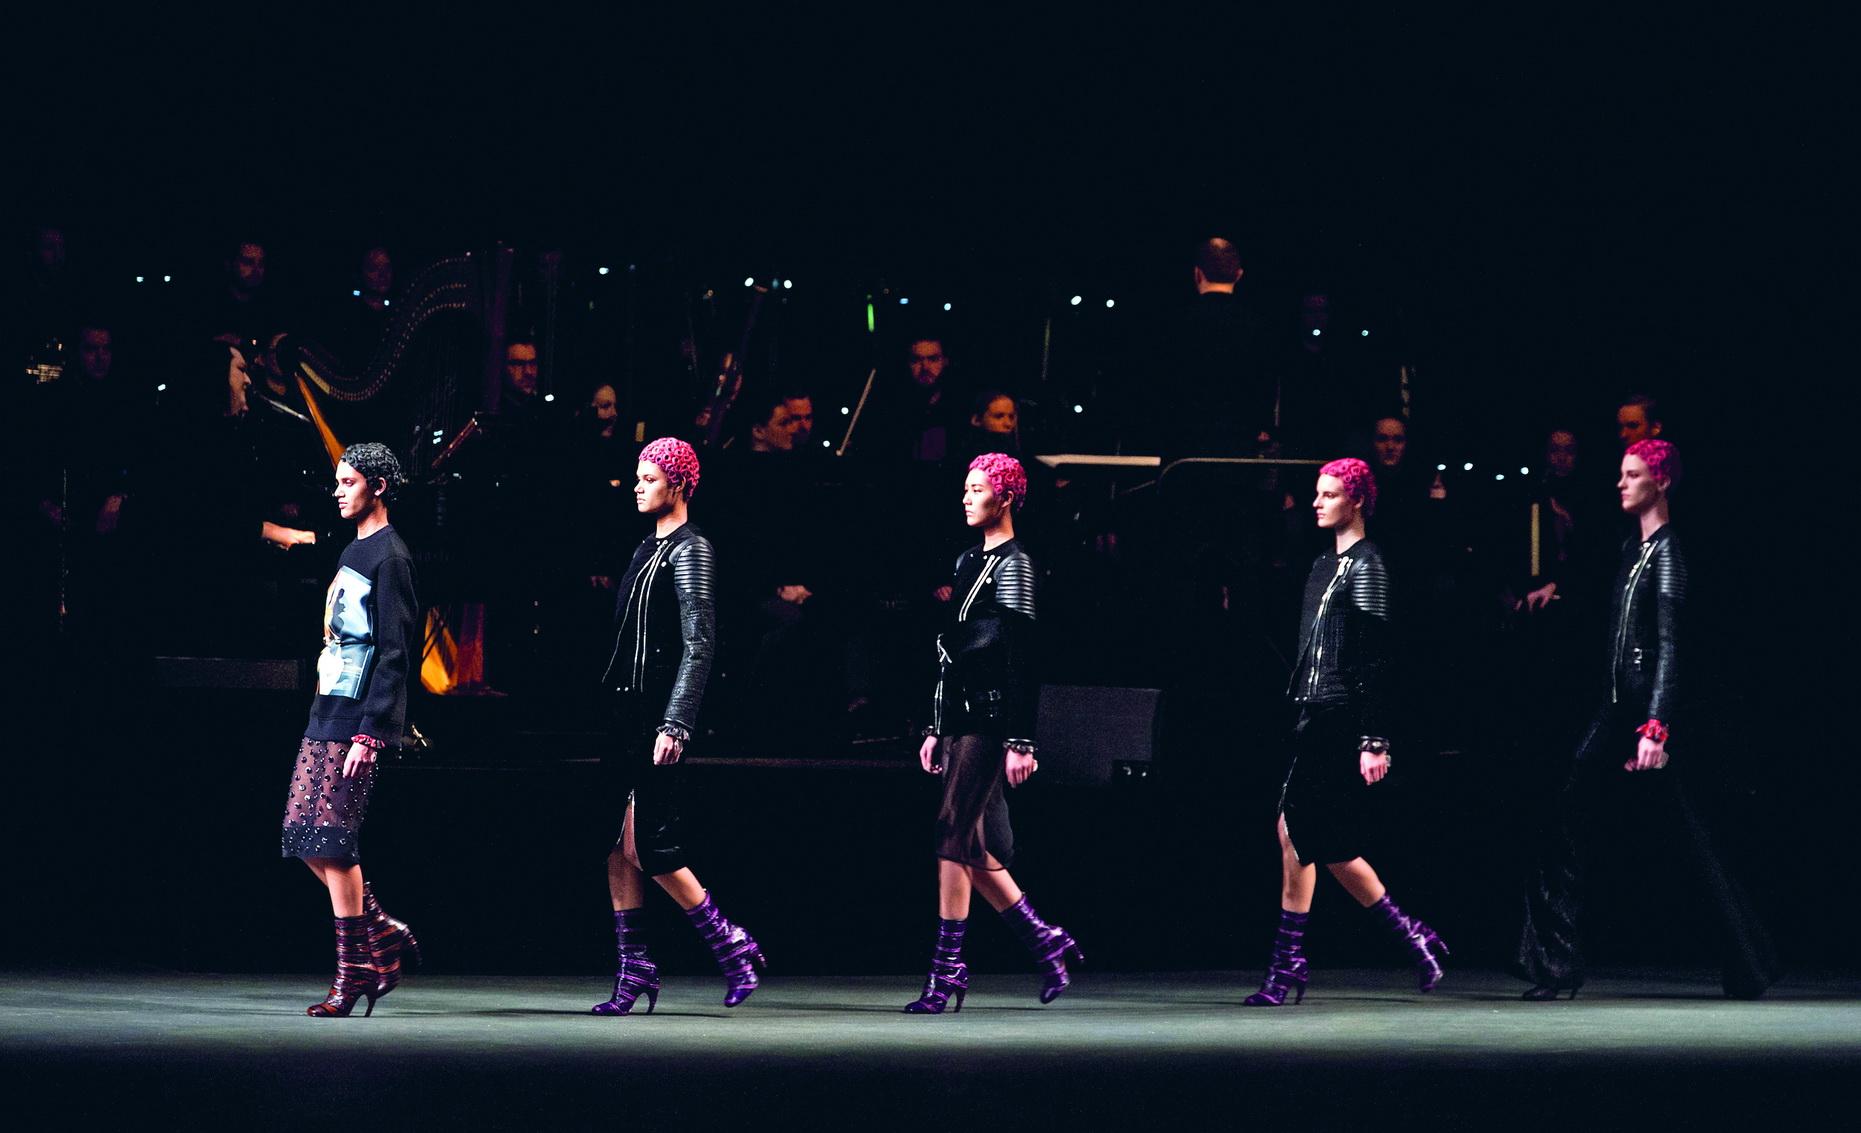 """Givenchy<br/>Sự nổi loạn, bất quy tắc mà Riccardo Tisci tạo ra trên sàn catwalk trong show diễn của Givenchy đã làm """"thỏa mãn cơn khát"""" của những người đang chờ đợi """"một làn gió mới"""". Tất cả mọi thiết kế, mẫu họa tiết, màu sắc, phụ trang, phong cách trang điểm... trong show diễn đều ma mị!"""